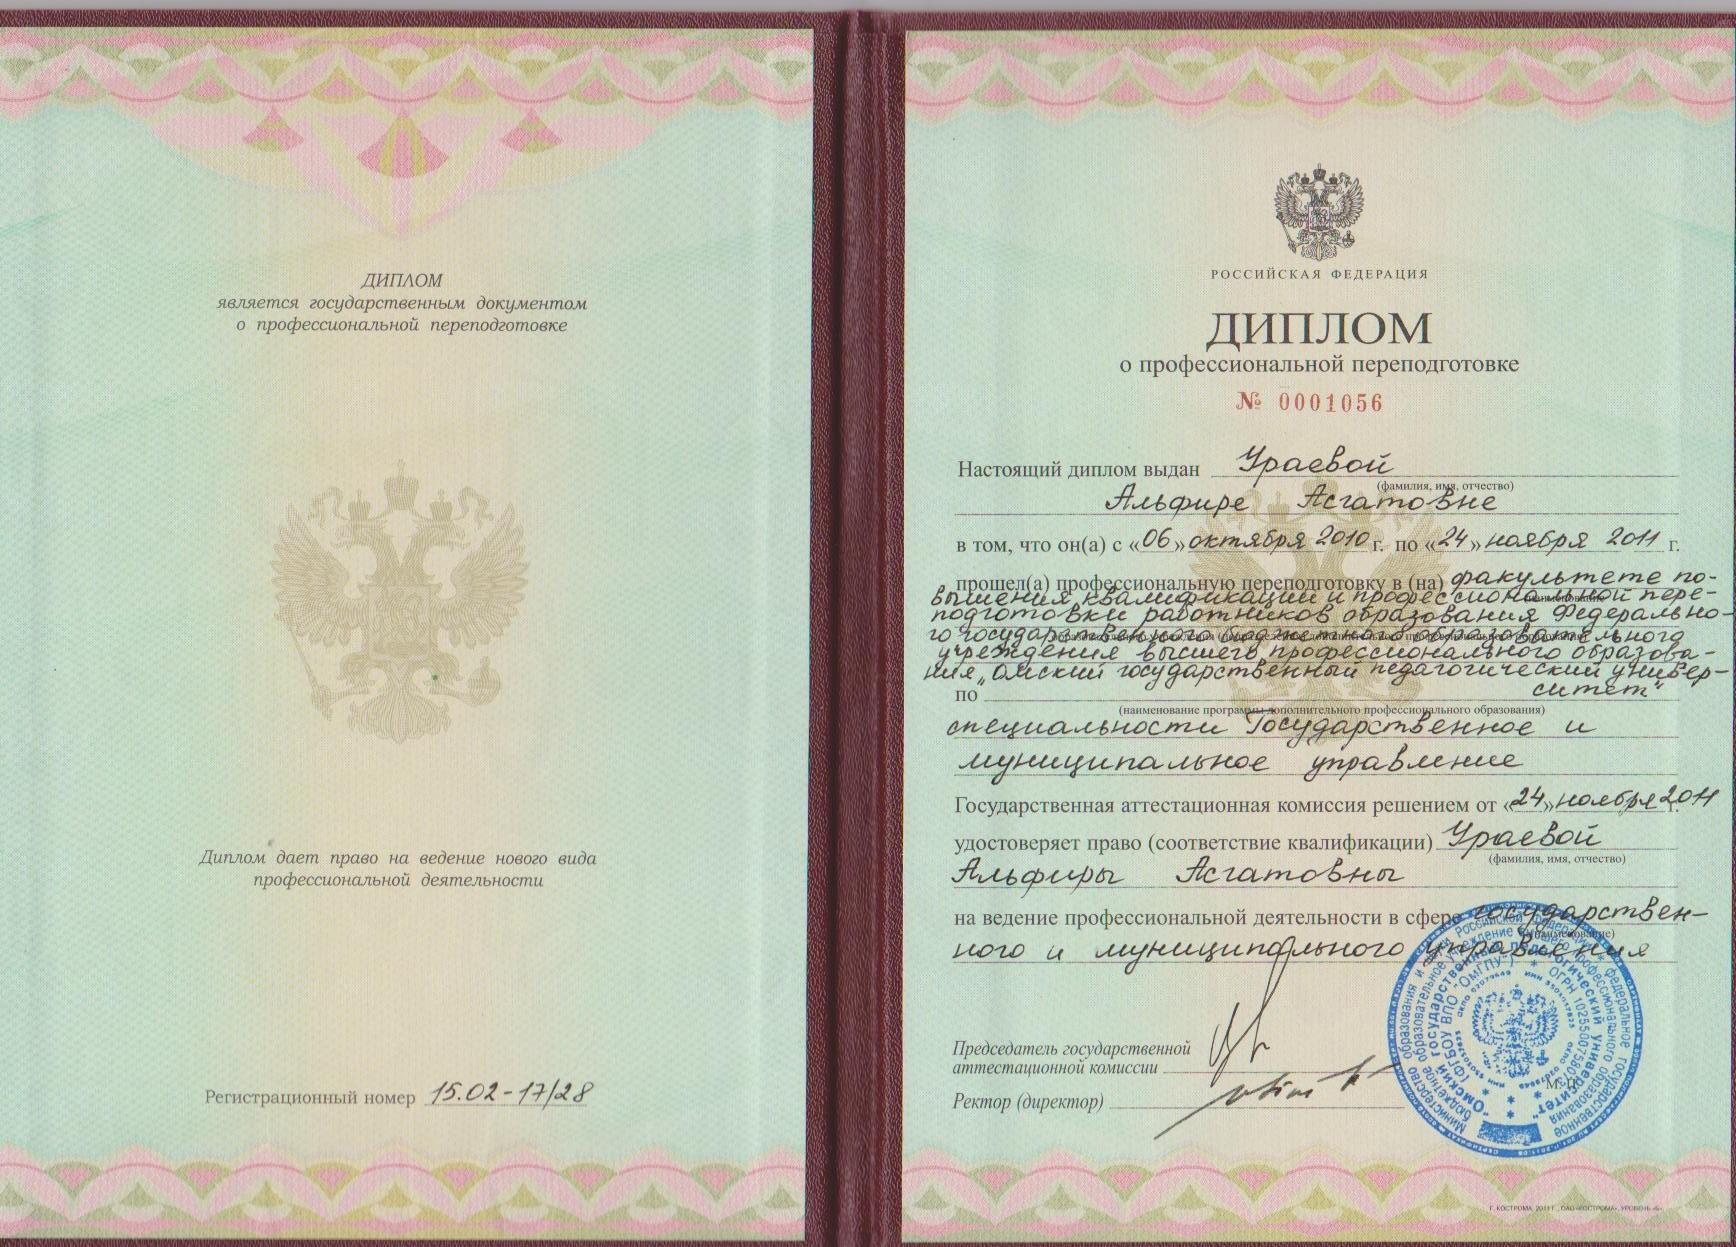 Альфира Асгатовна Ураева Педагогическое интернет сообщество  Диплом